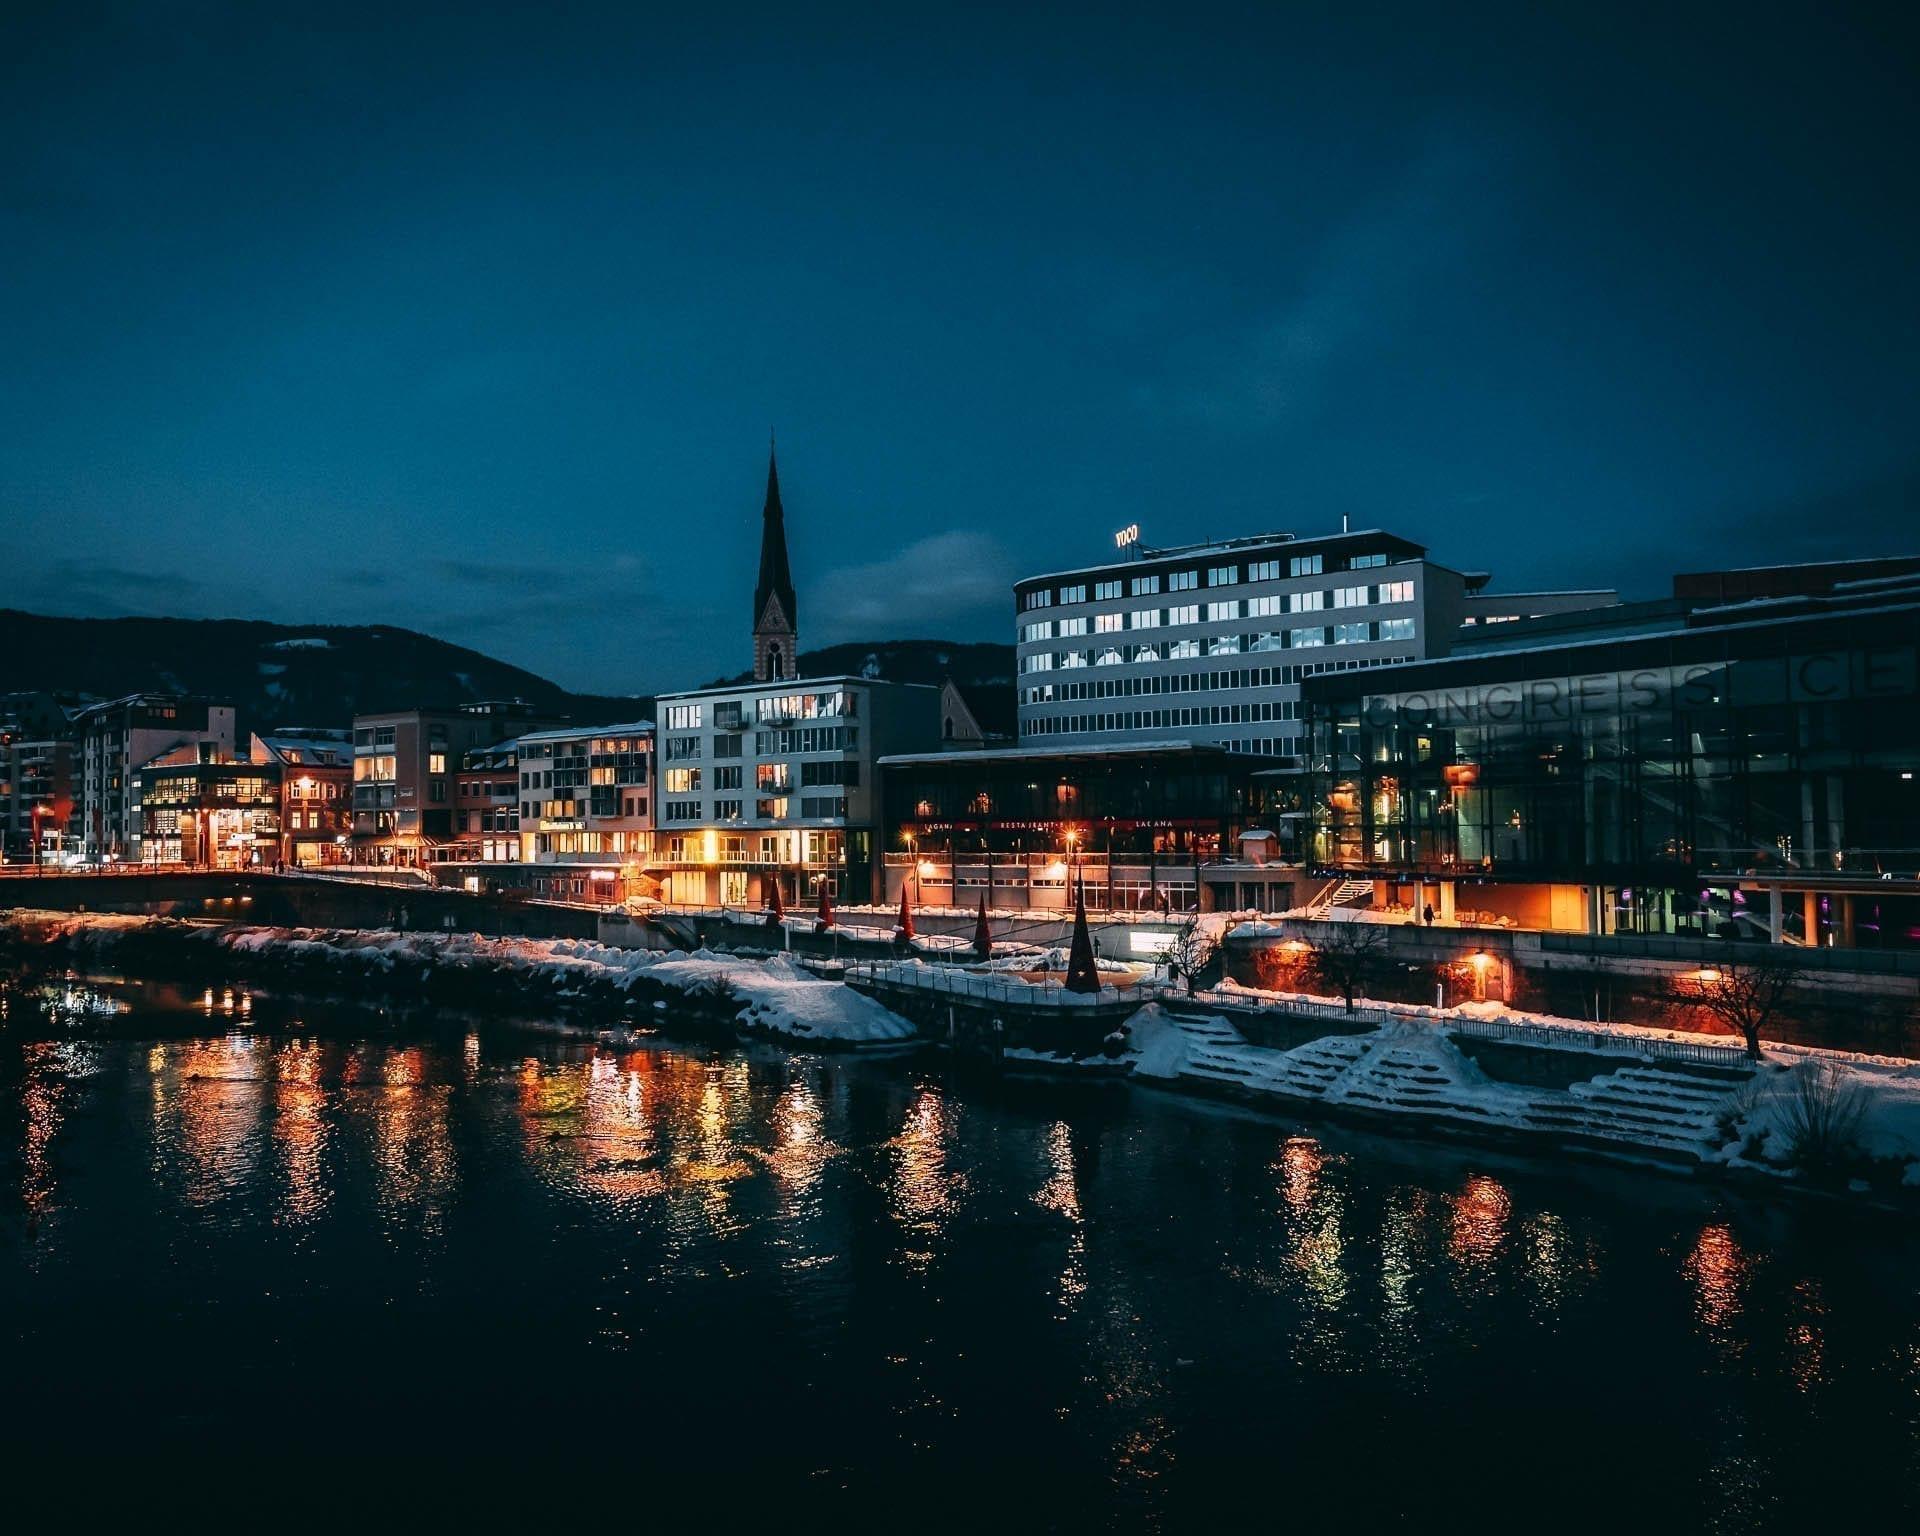 Villach Streetfotografie